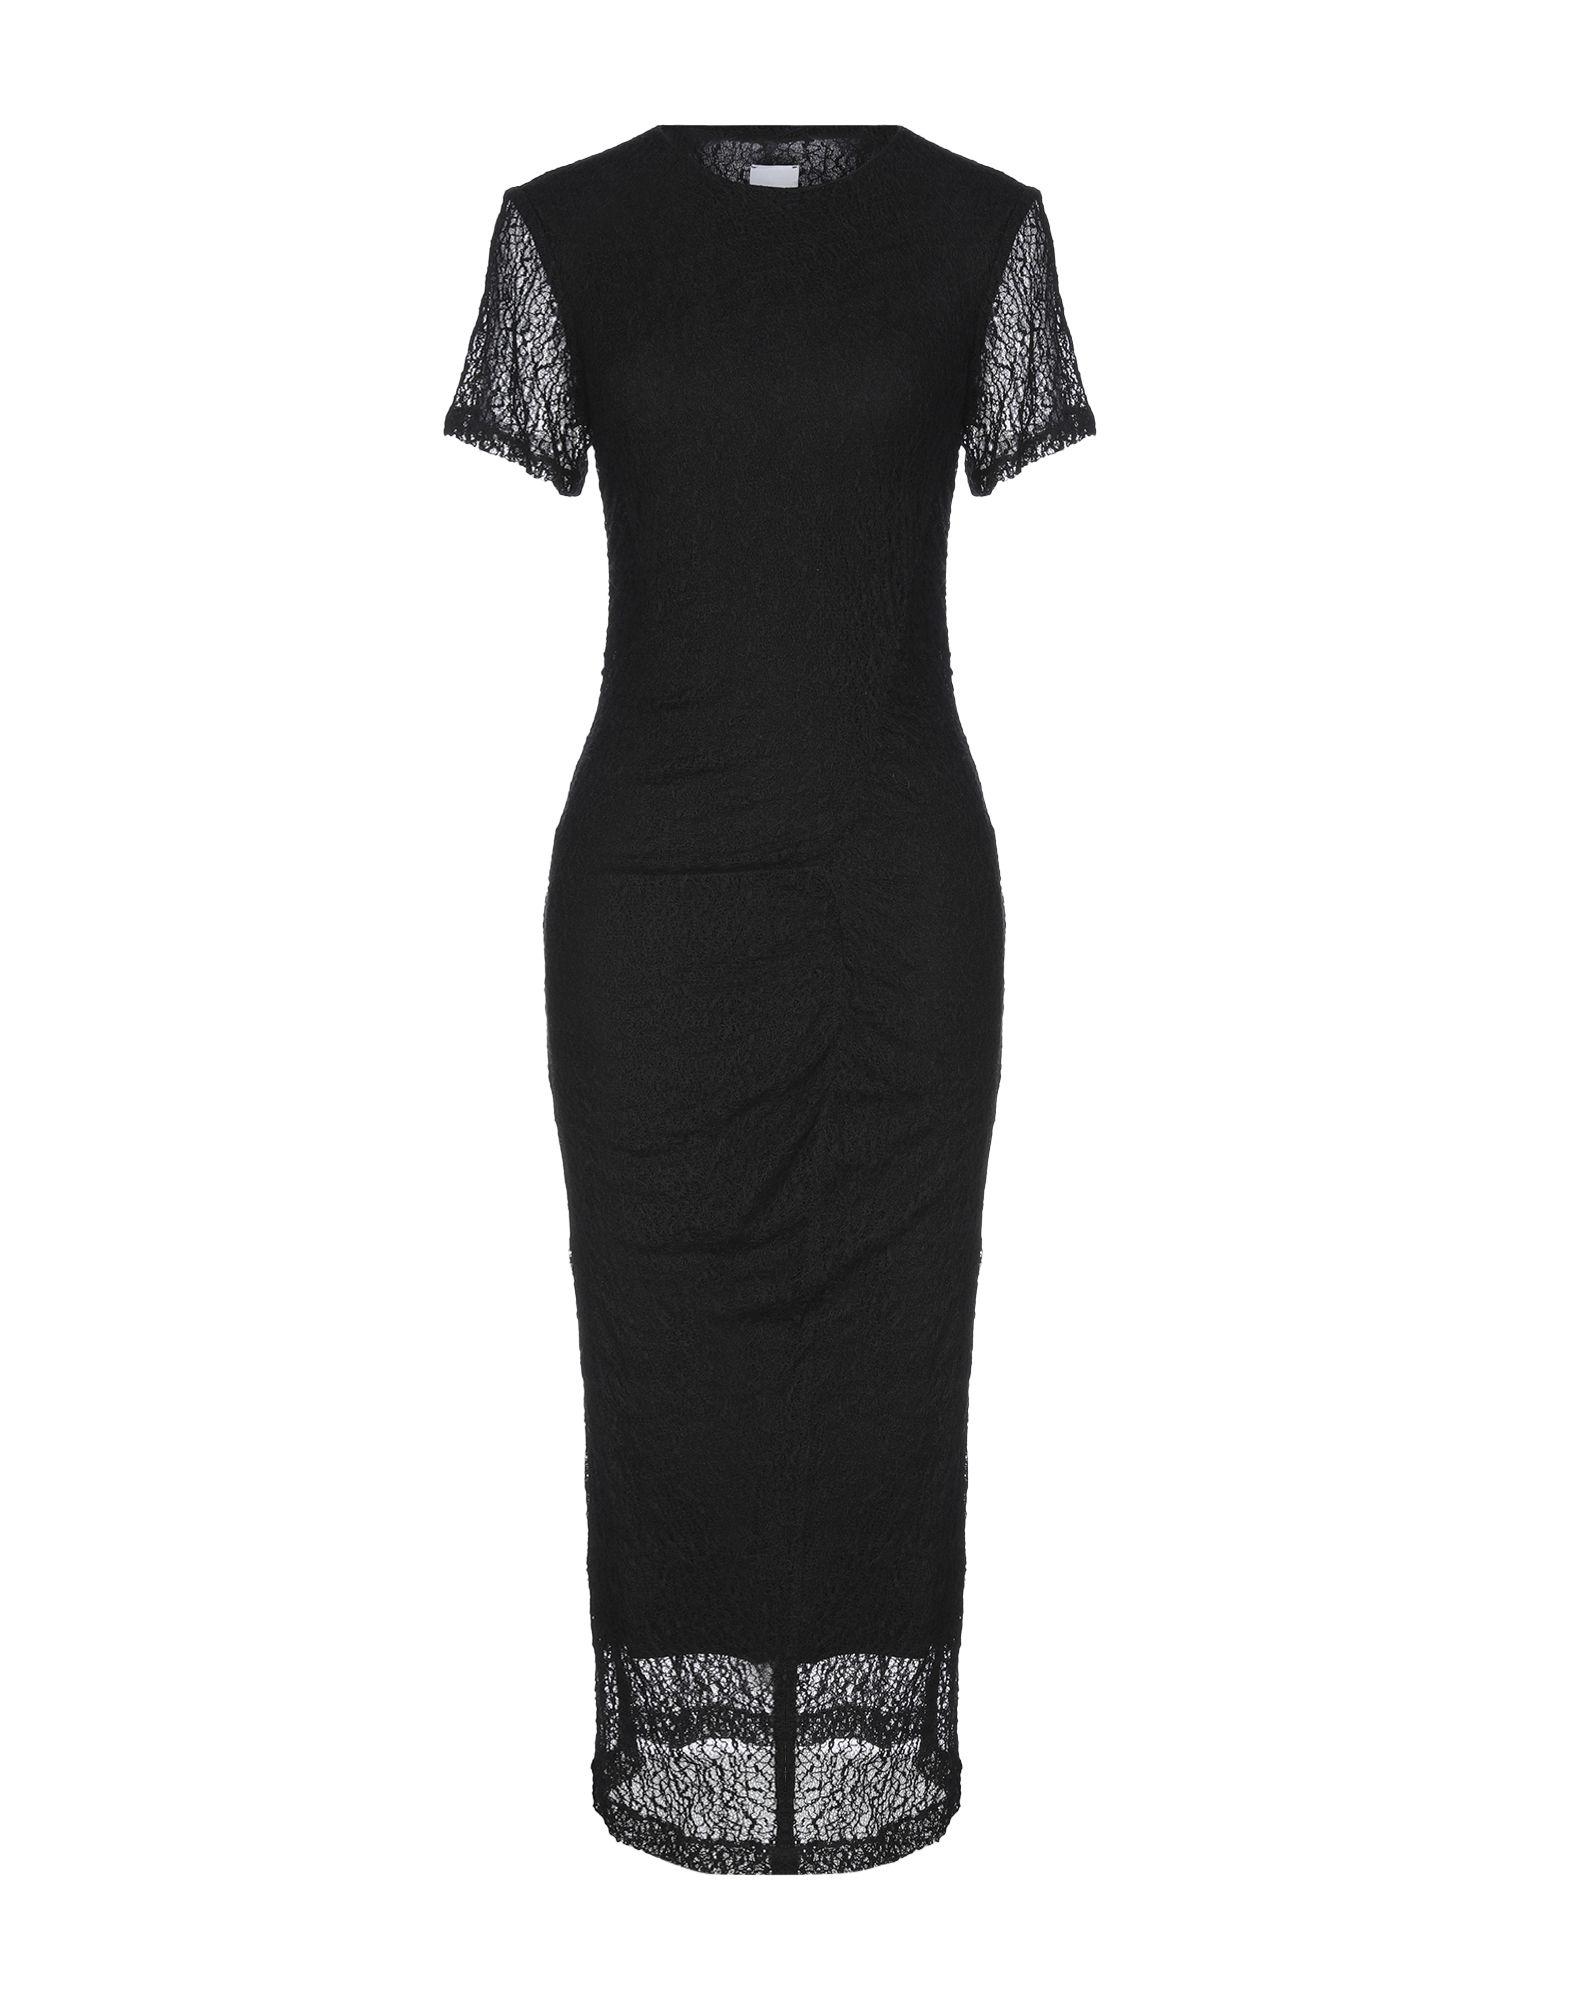 Фото - GAëLLE Paris Платье длиной 3/4 eleven paris юбка длиной 3 4